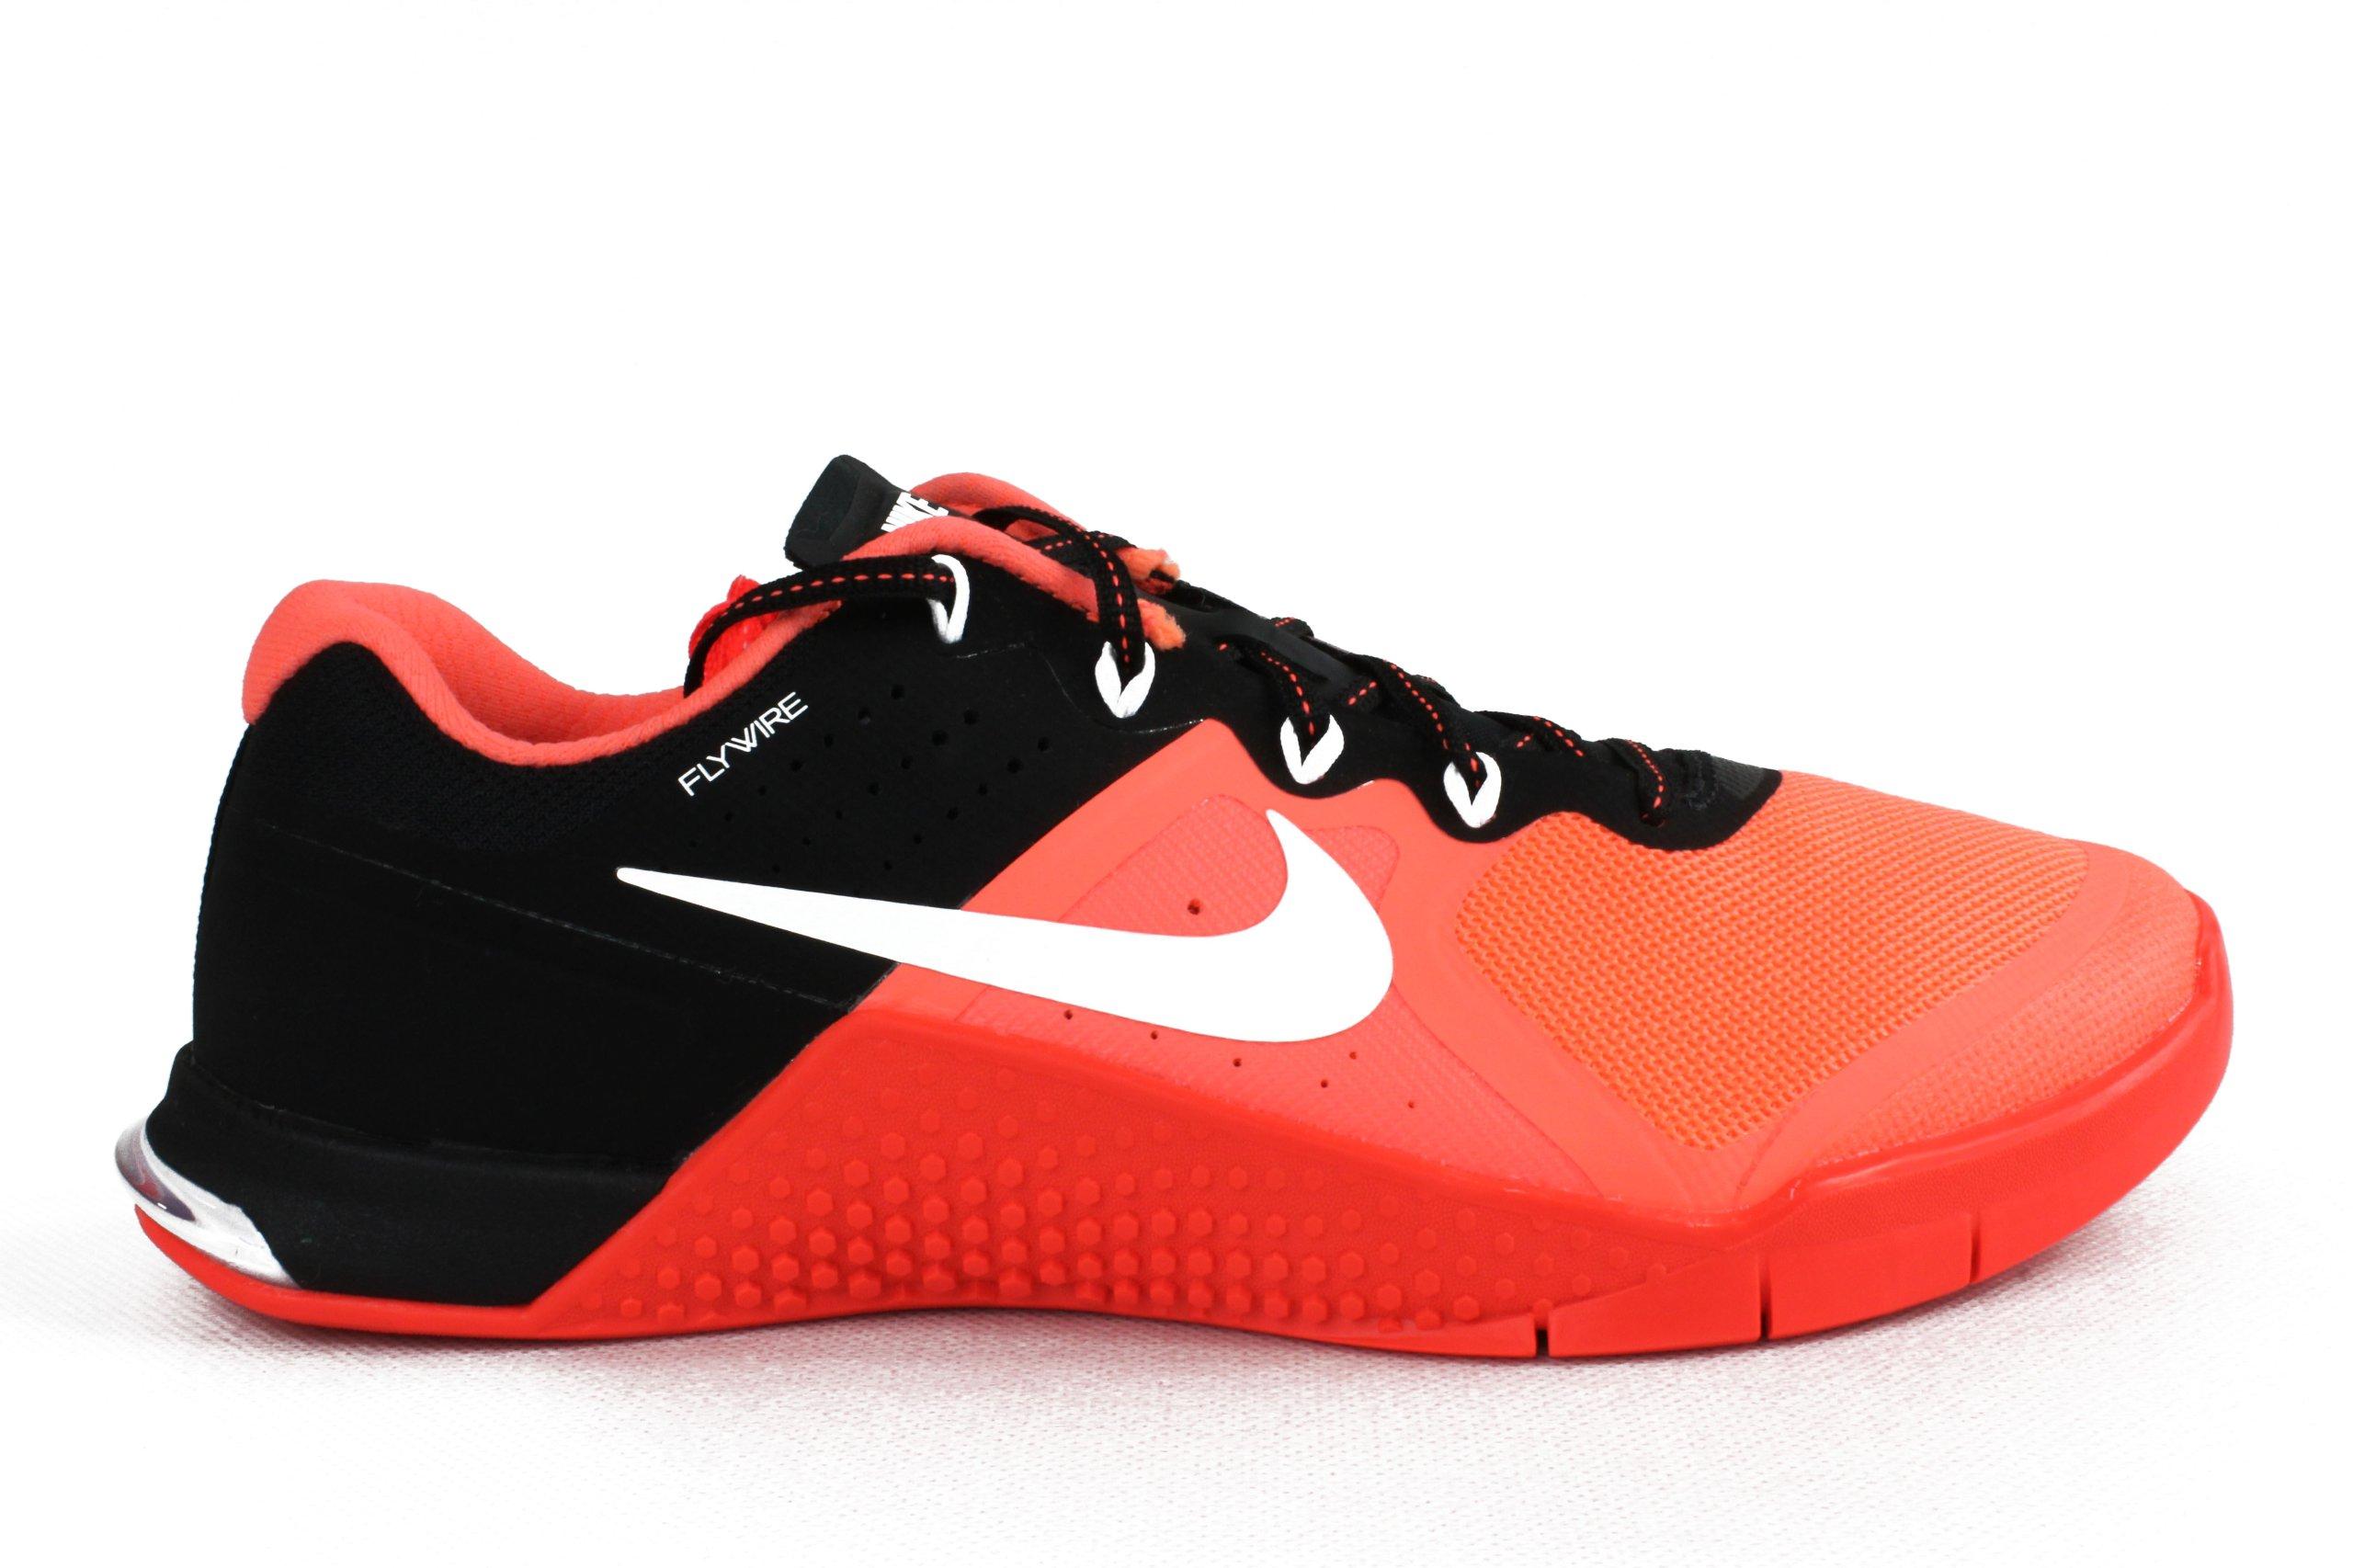 Darmowa dostawa zamówienie niesamowity wybór Buty Damskie Nike Metcon 2 roz. 36 Flare - 7000729030 ...